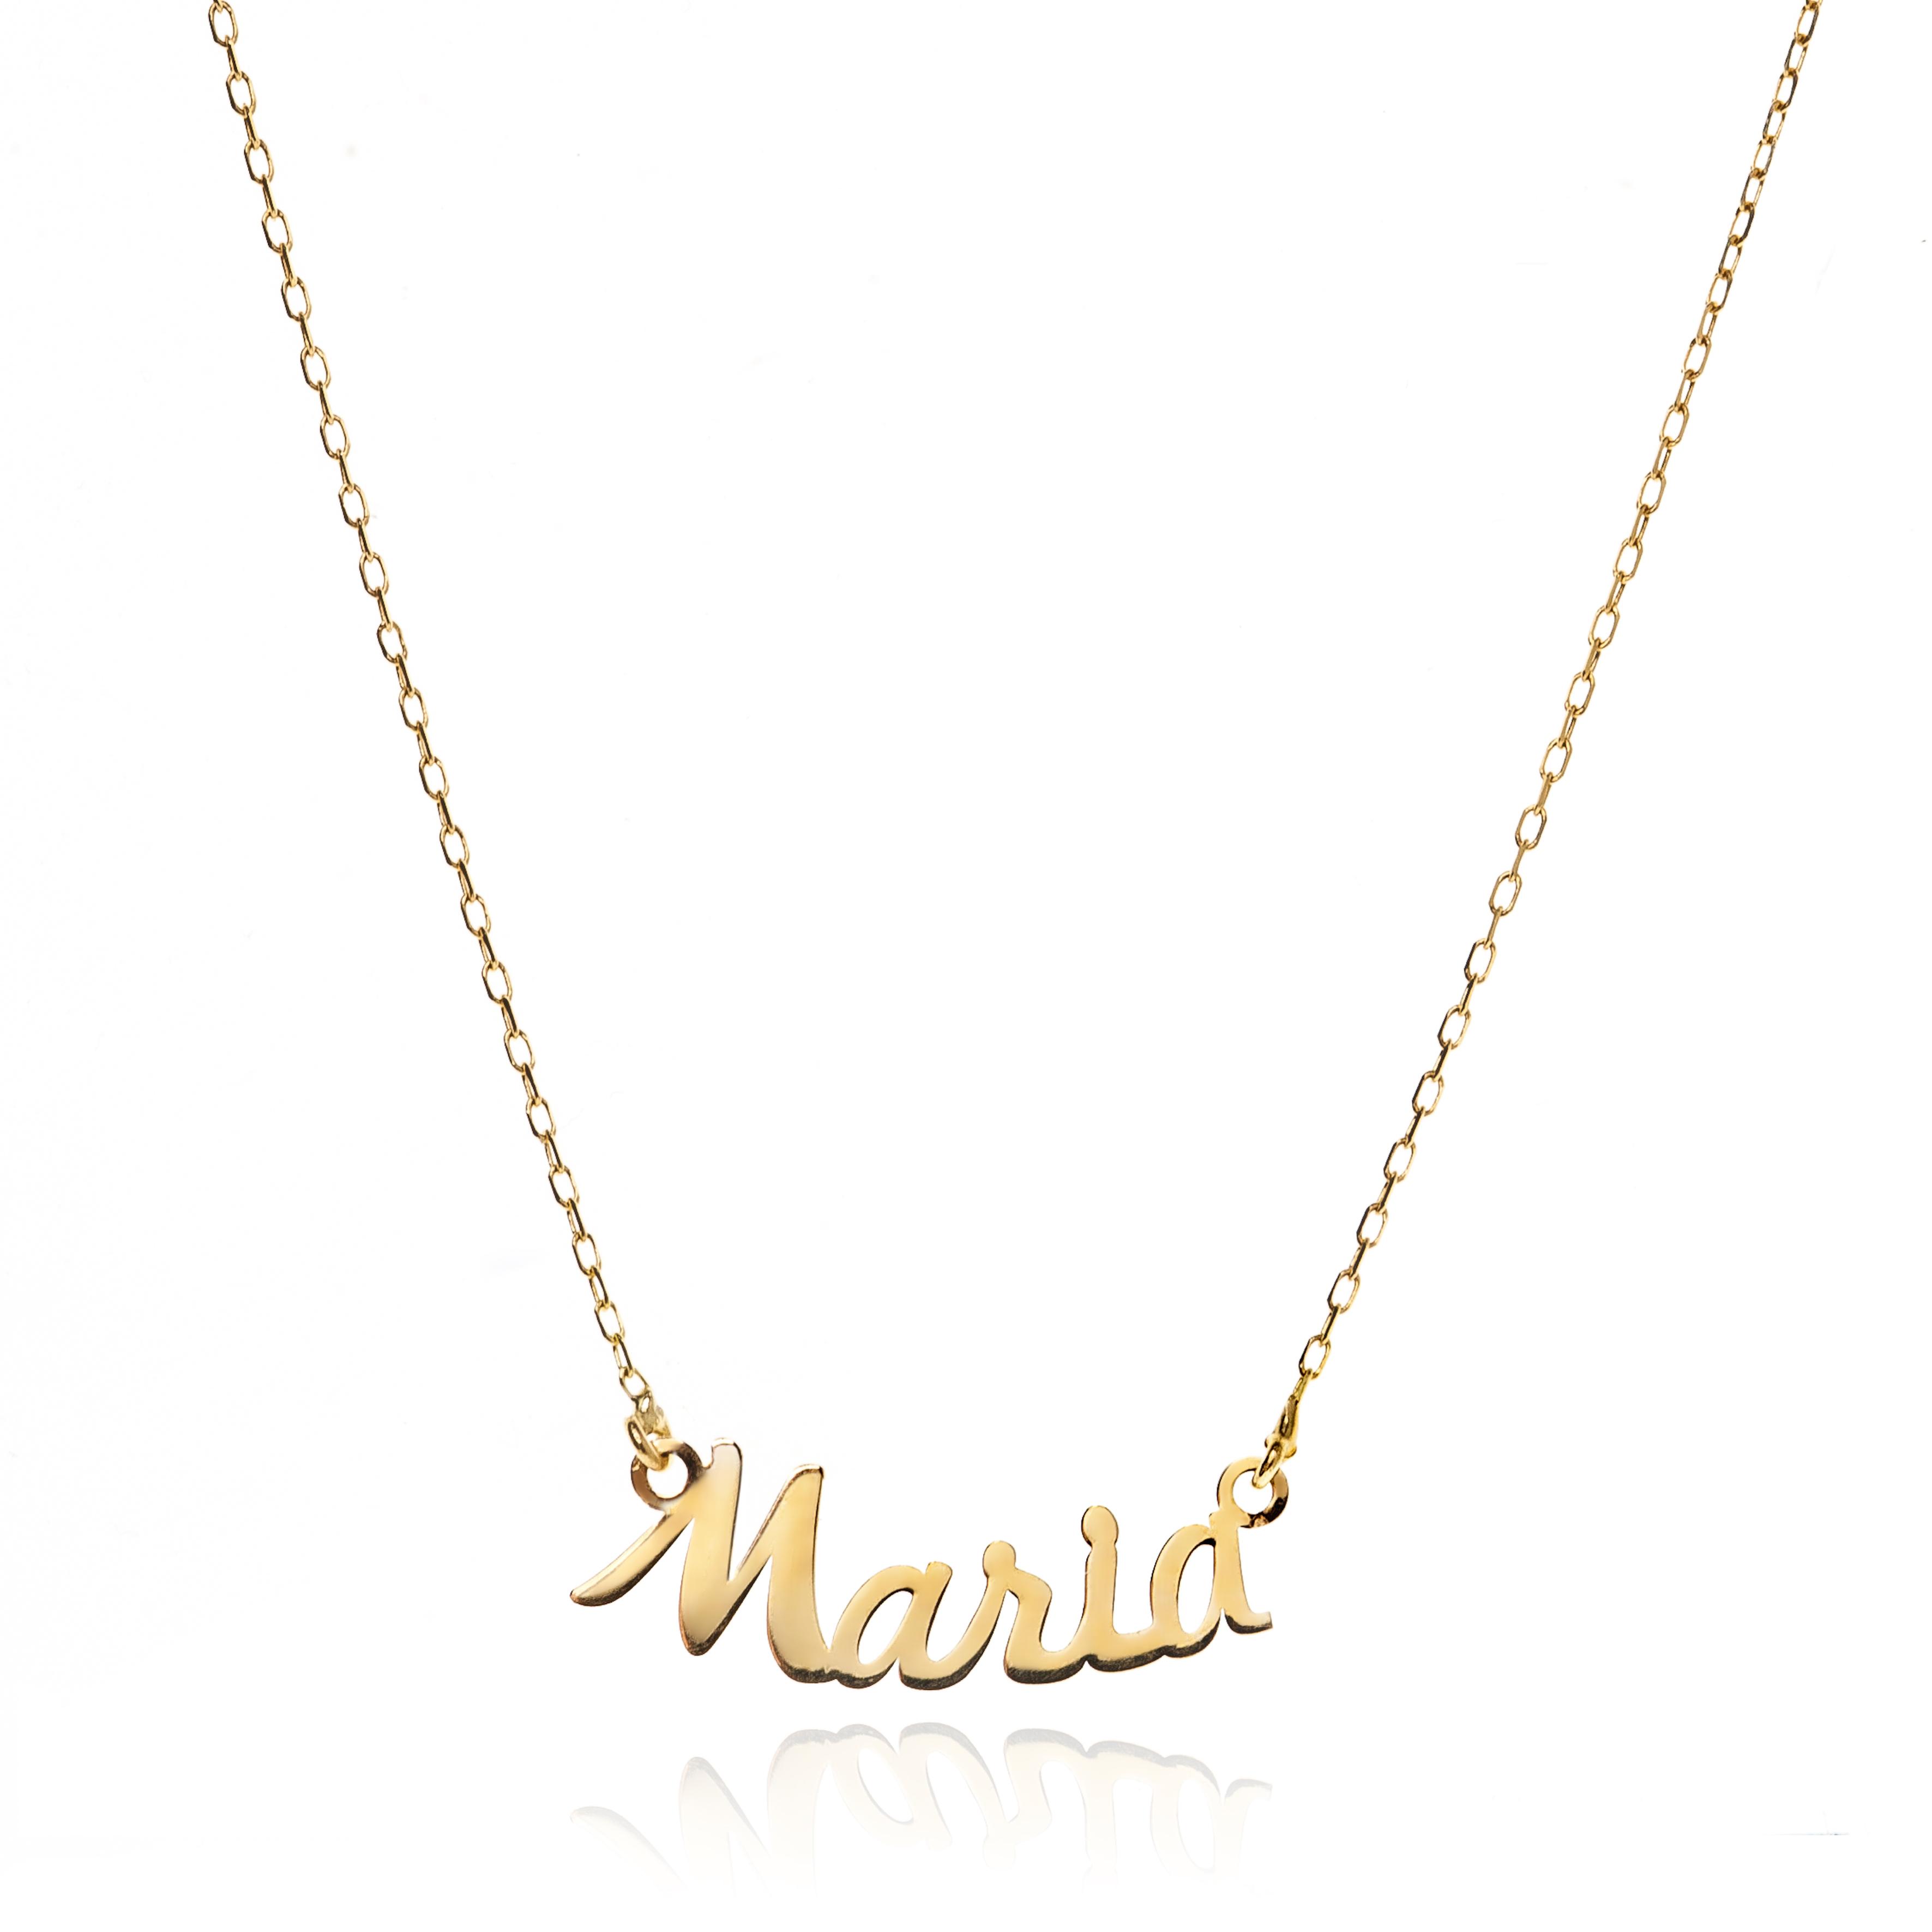 Colgante nombre personalizable en oro de 18 quilates jolfer joyeros 0544129